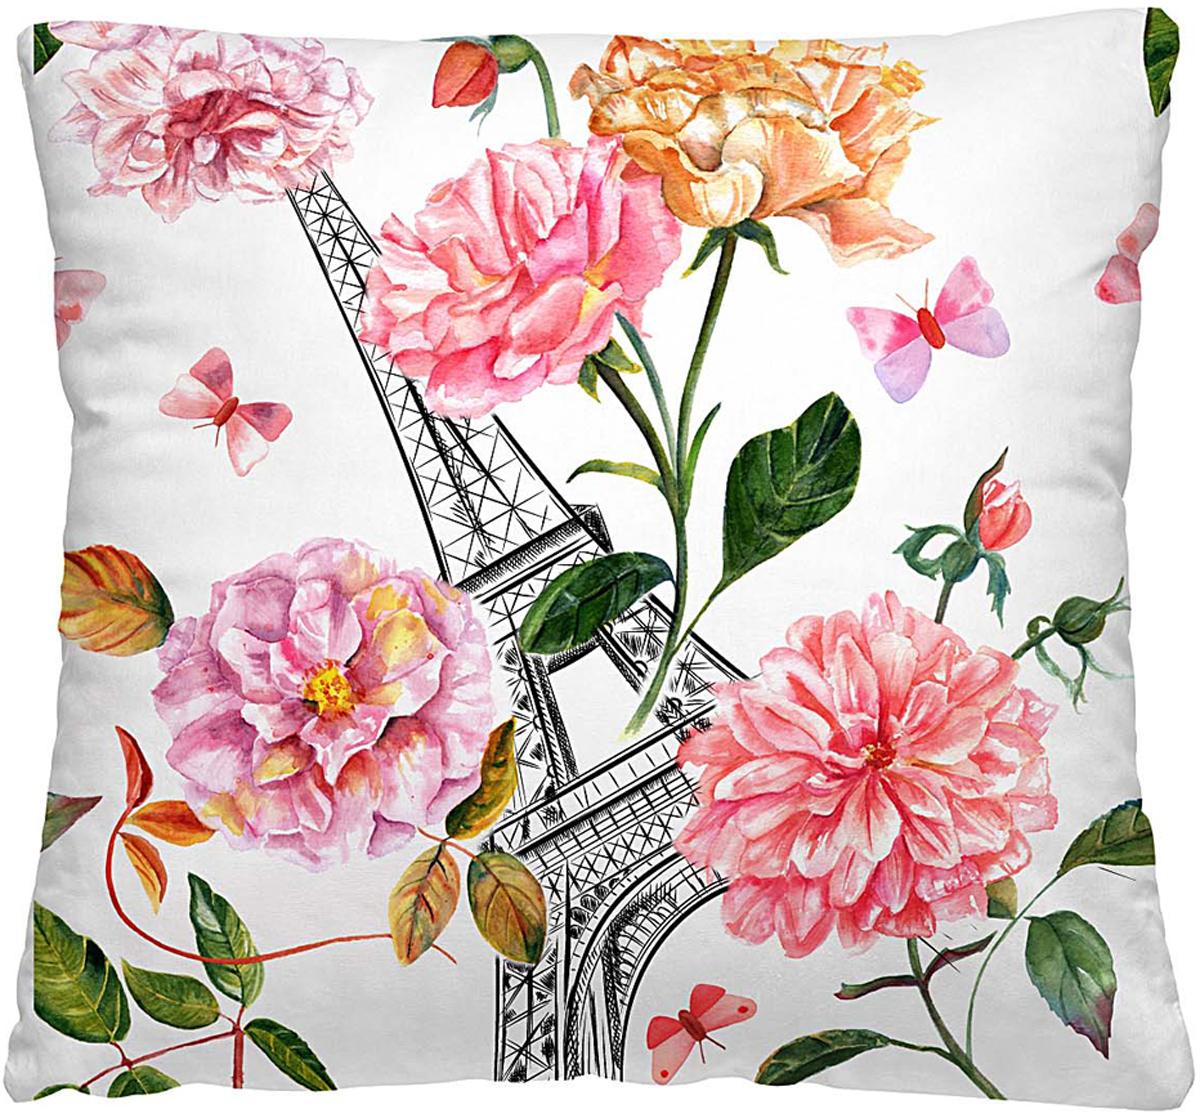 Подушка декоративная Волшебная ночь Эйфелева башня, 40 х 40 см подушка декоративная волшебная ночь колибри 40х40 см